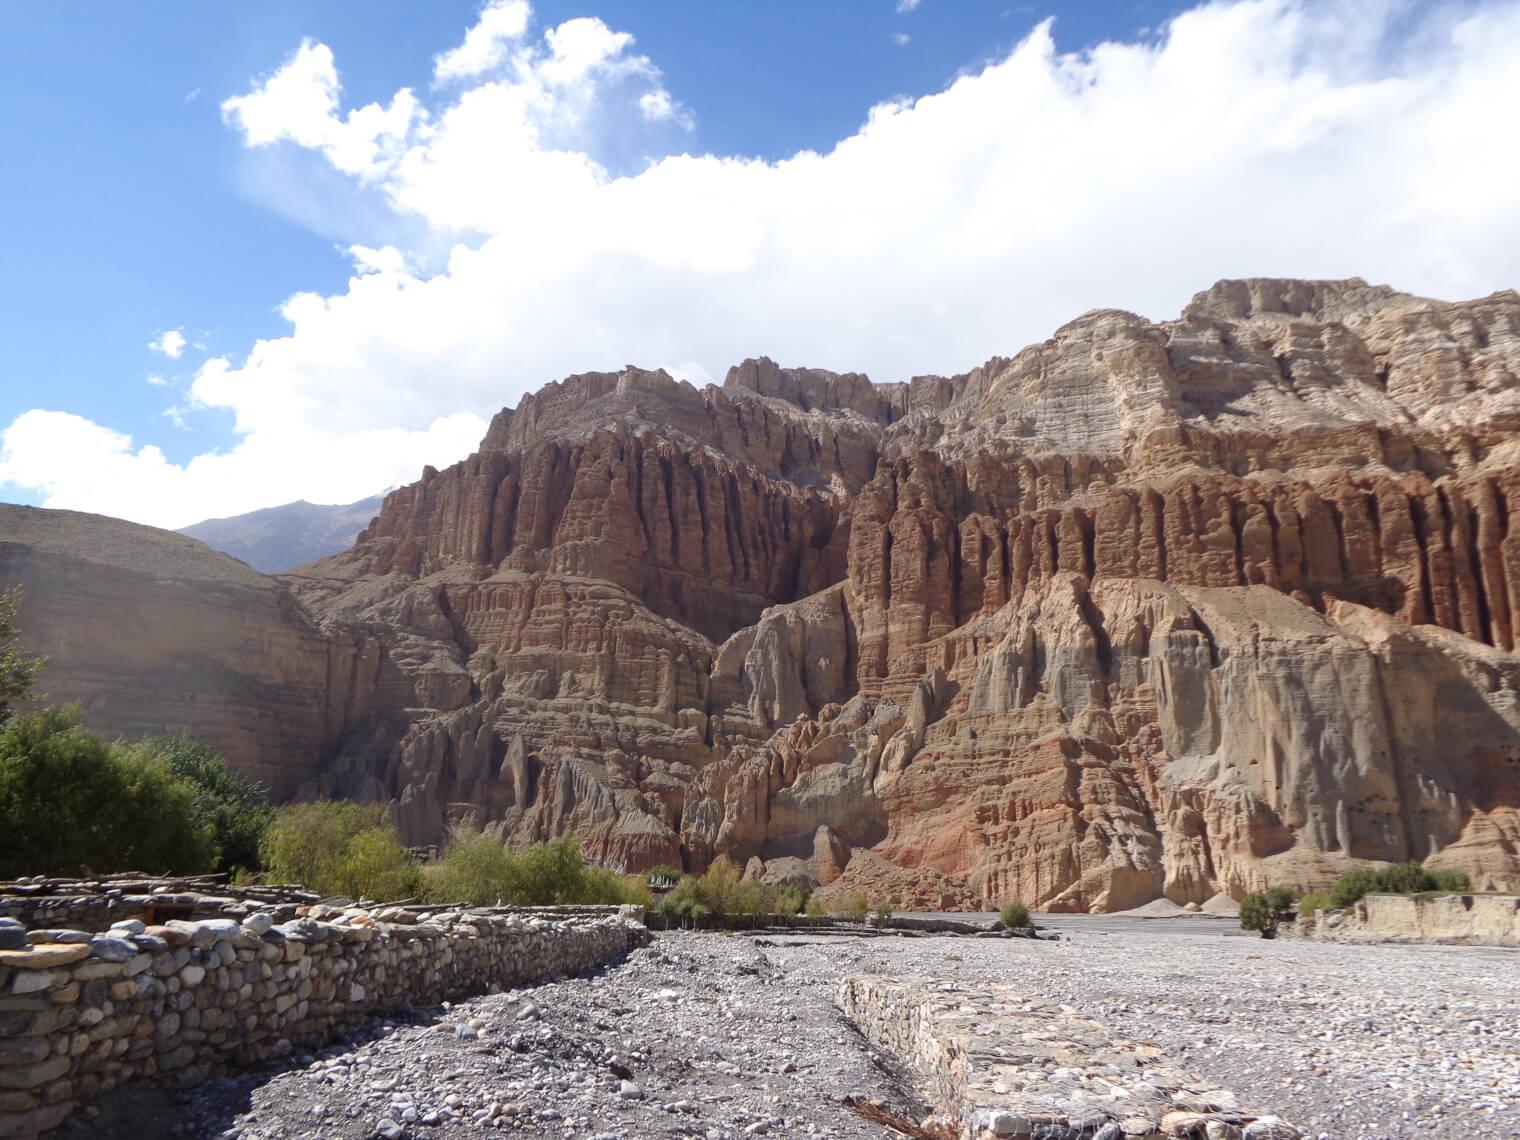 Upper Mustang trek, NEPAL – Upper Mustang trek